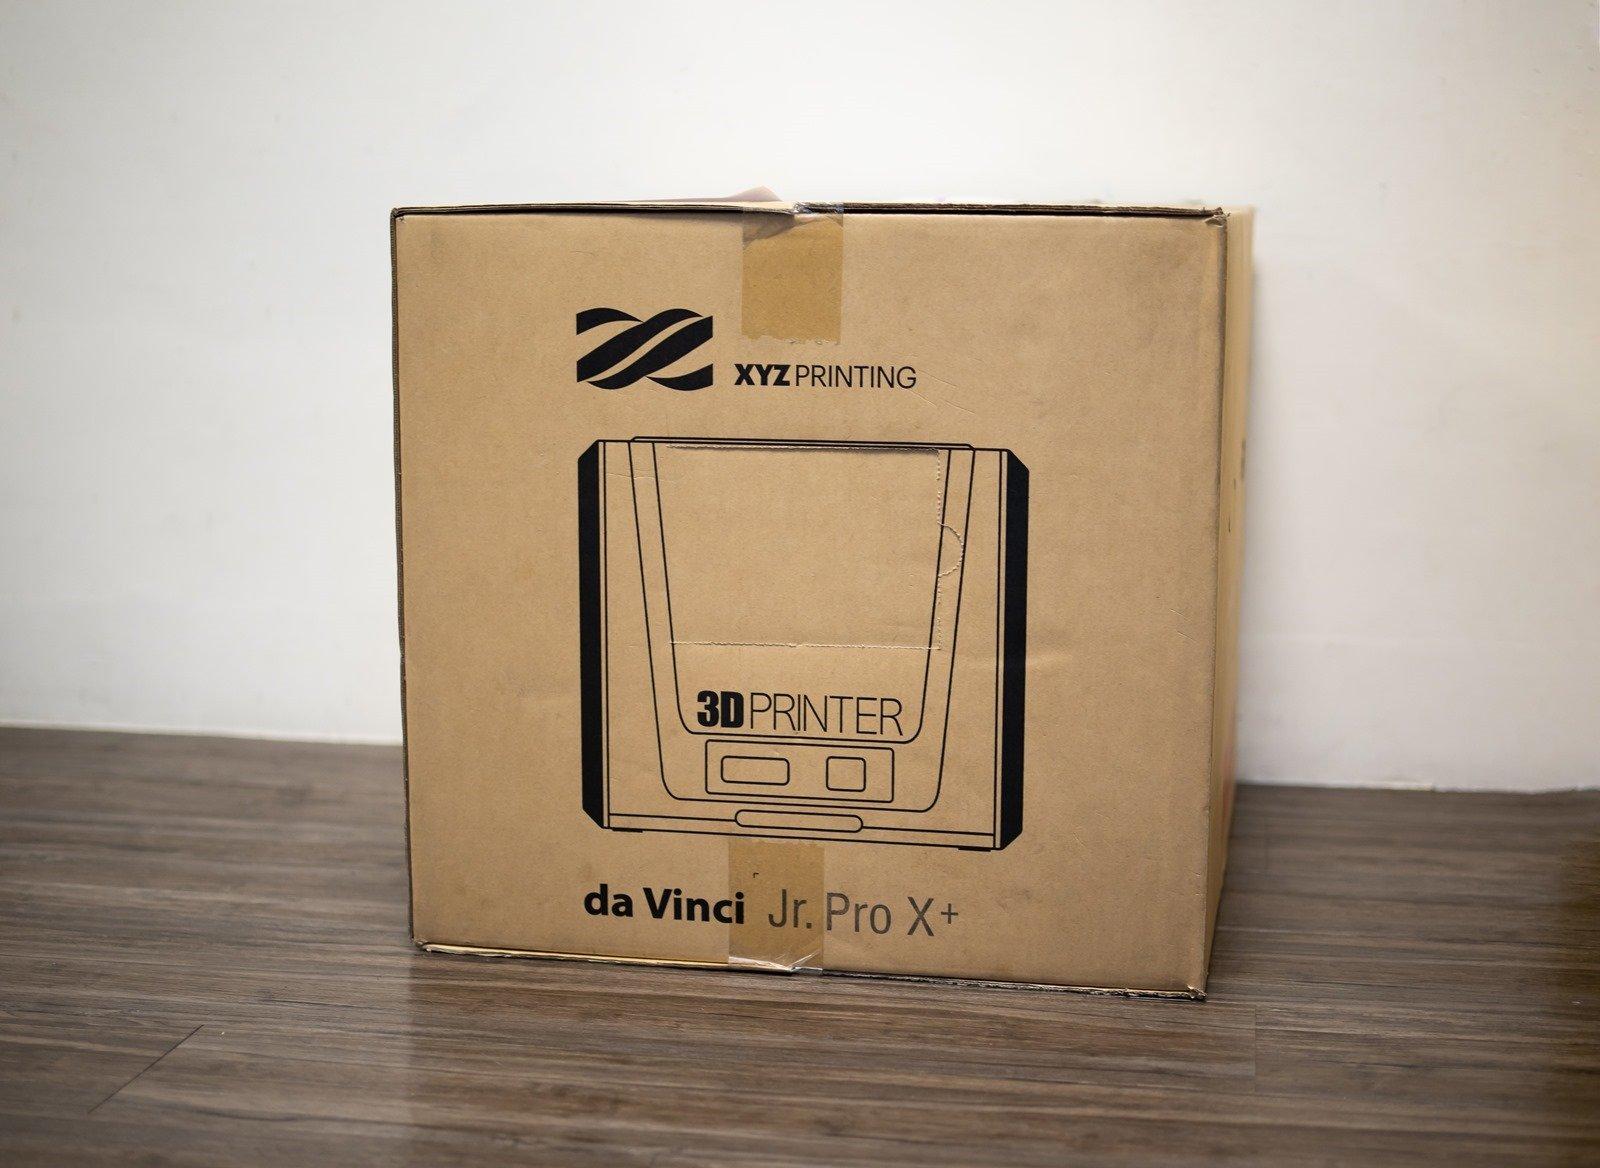 XYZprinting2020年新款的多功能3D列印機-da Vinci Jr. Pro X+,開箱與一般家電一樣簡單